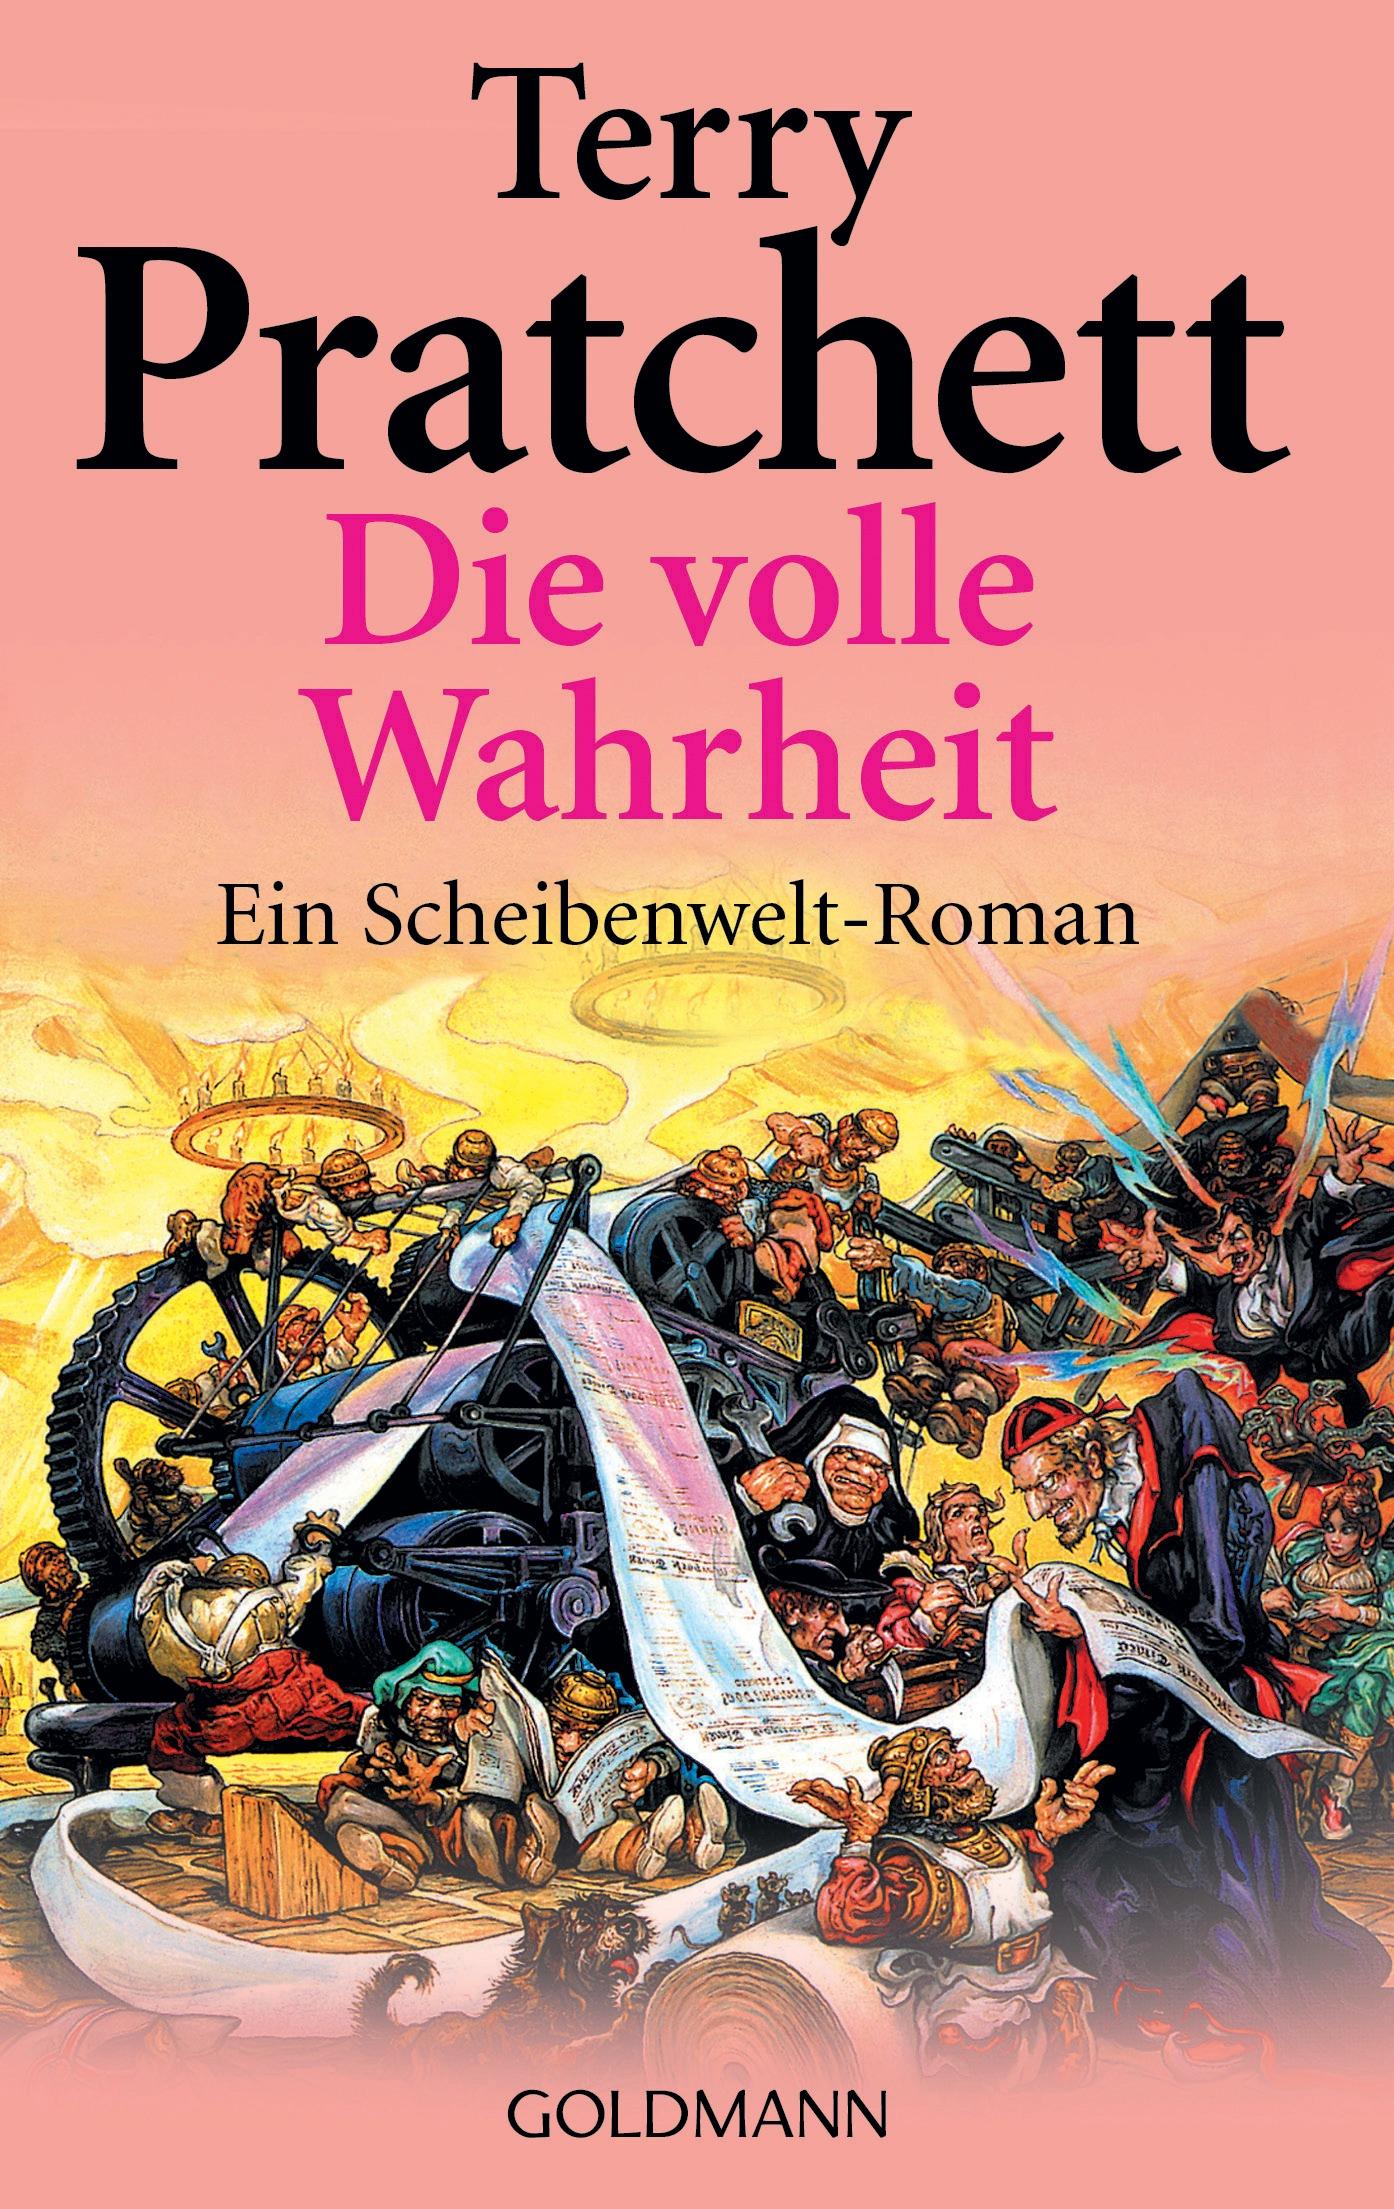 Die volle Wahrheit - Ein Scheibenwelt-Roman - Terry Pratchett